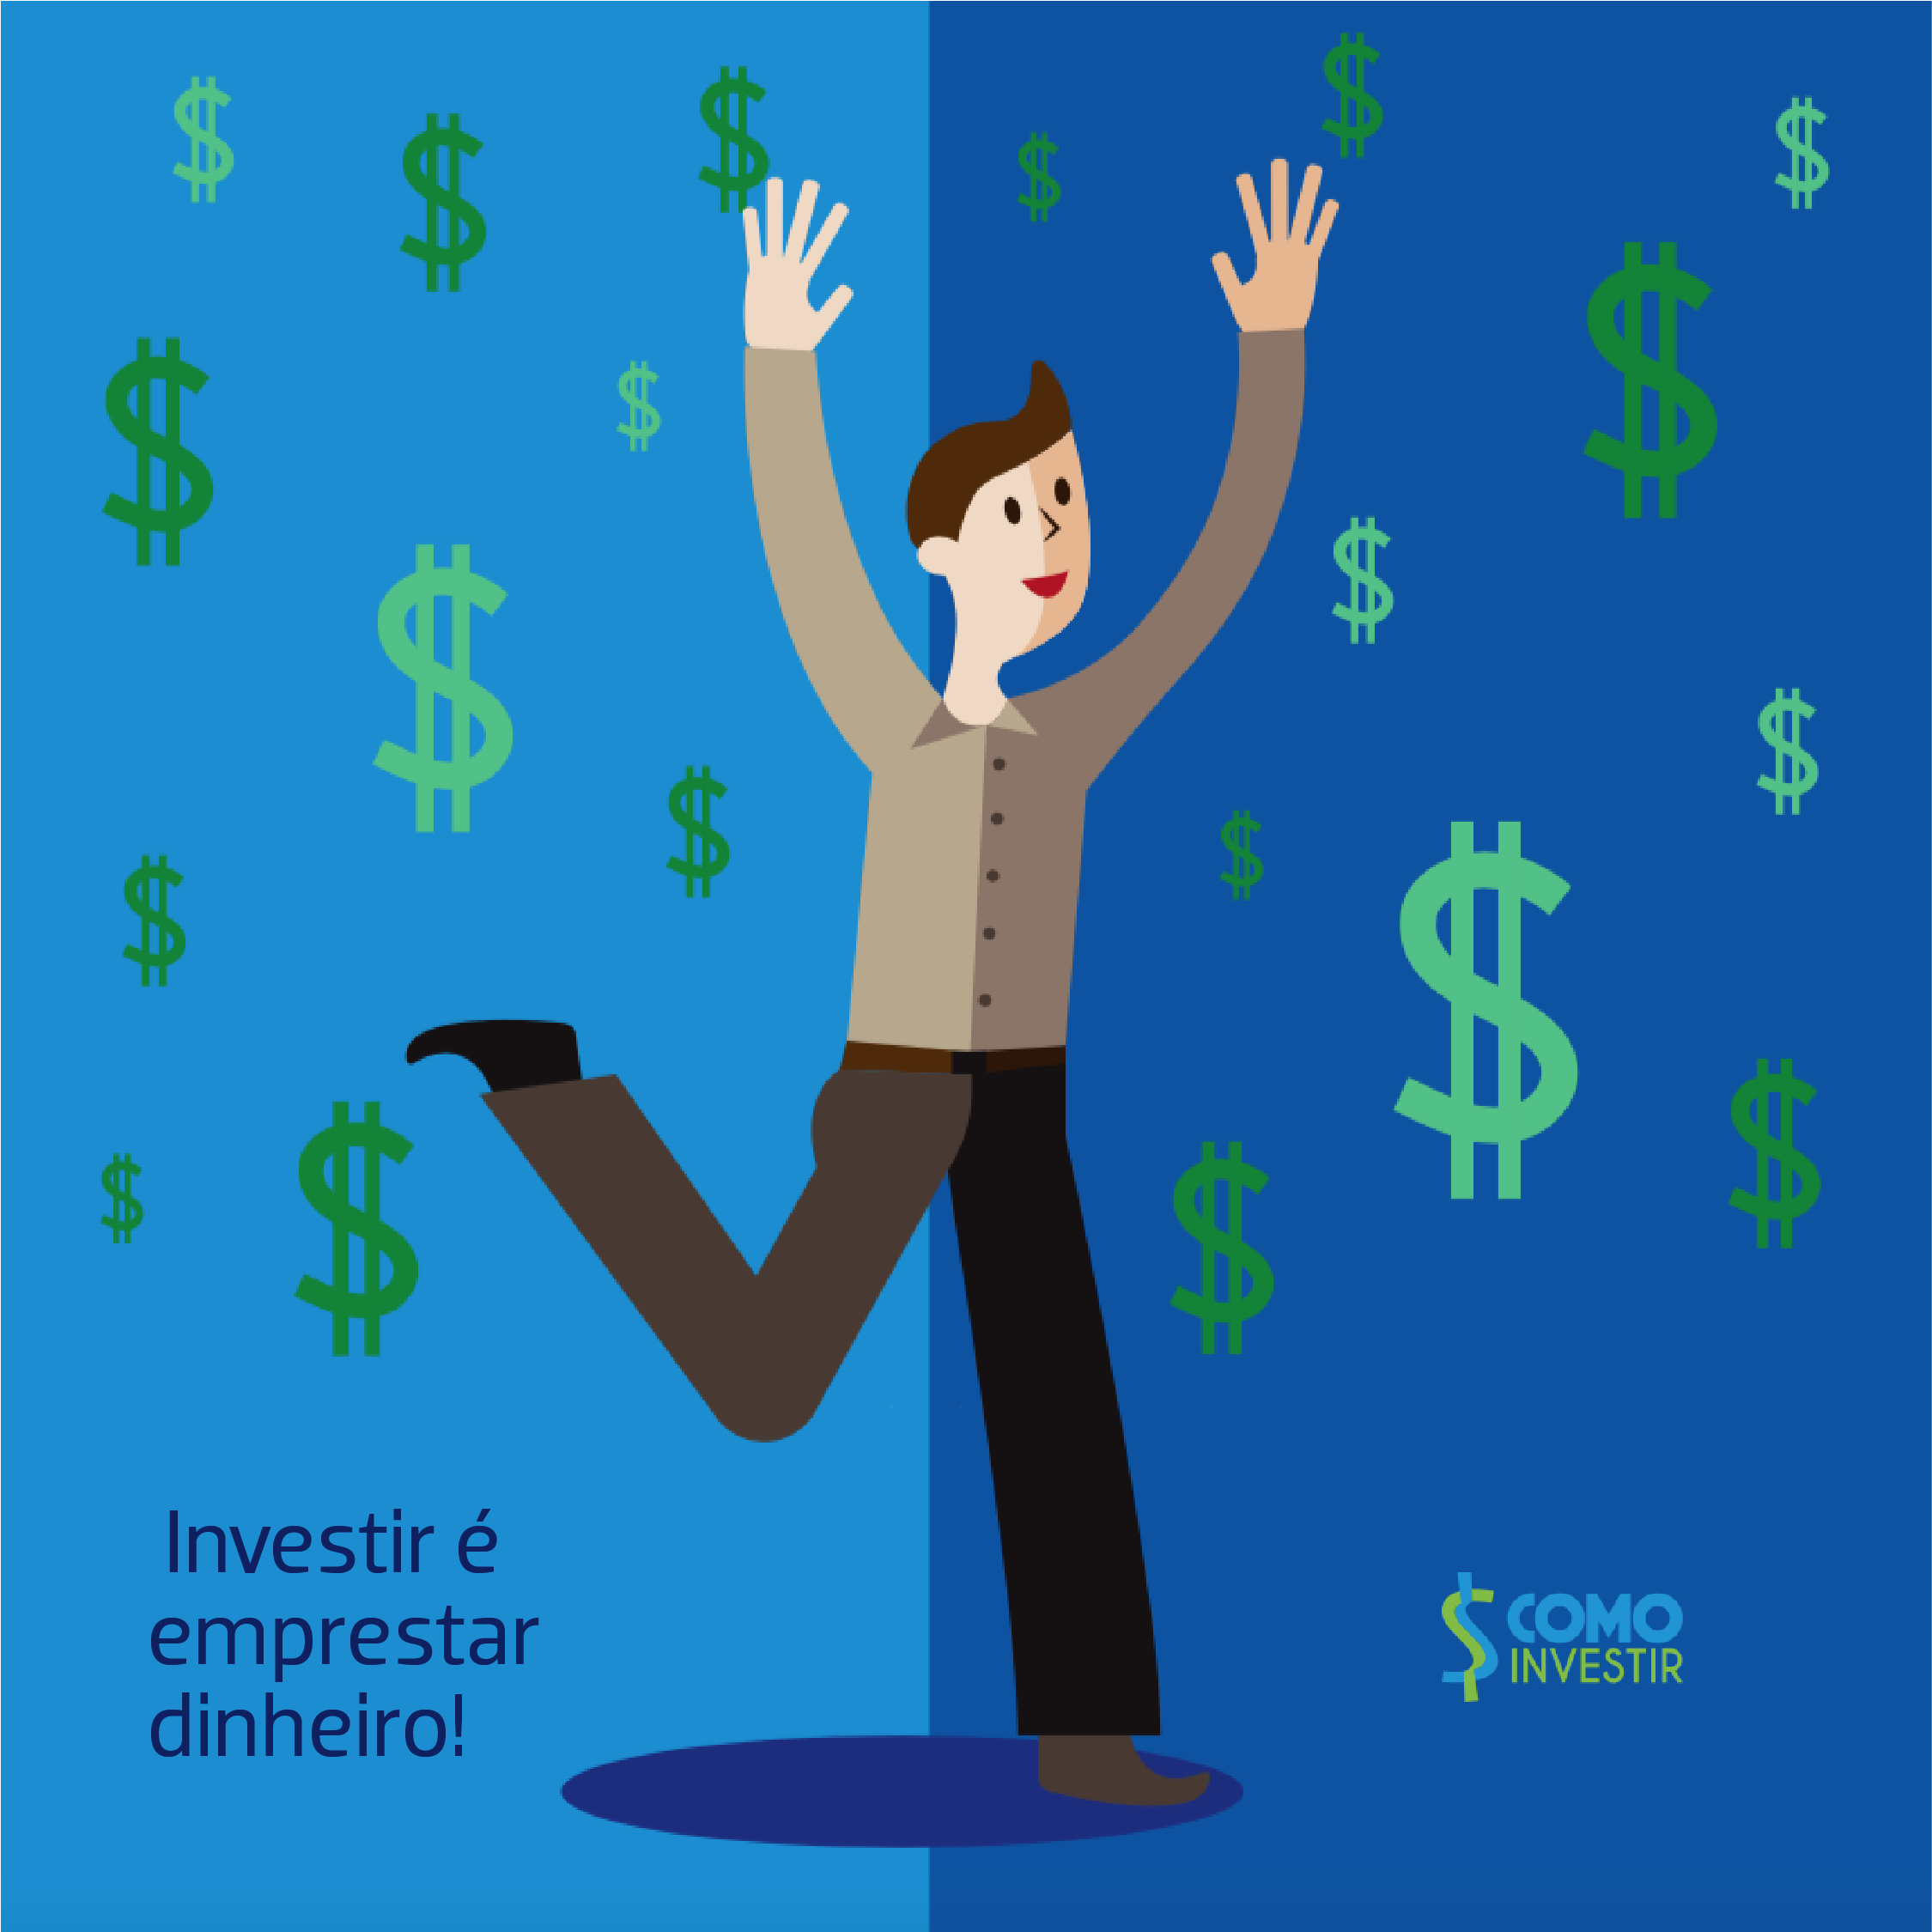 Quem investe empresta dinheiro – mas como?